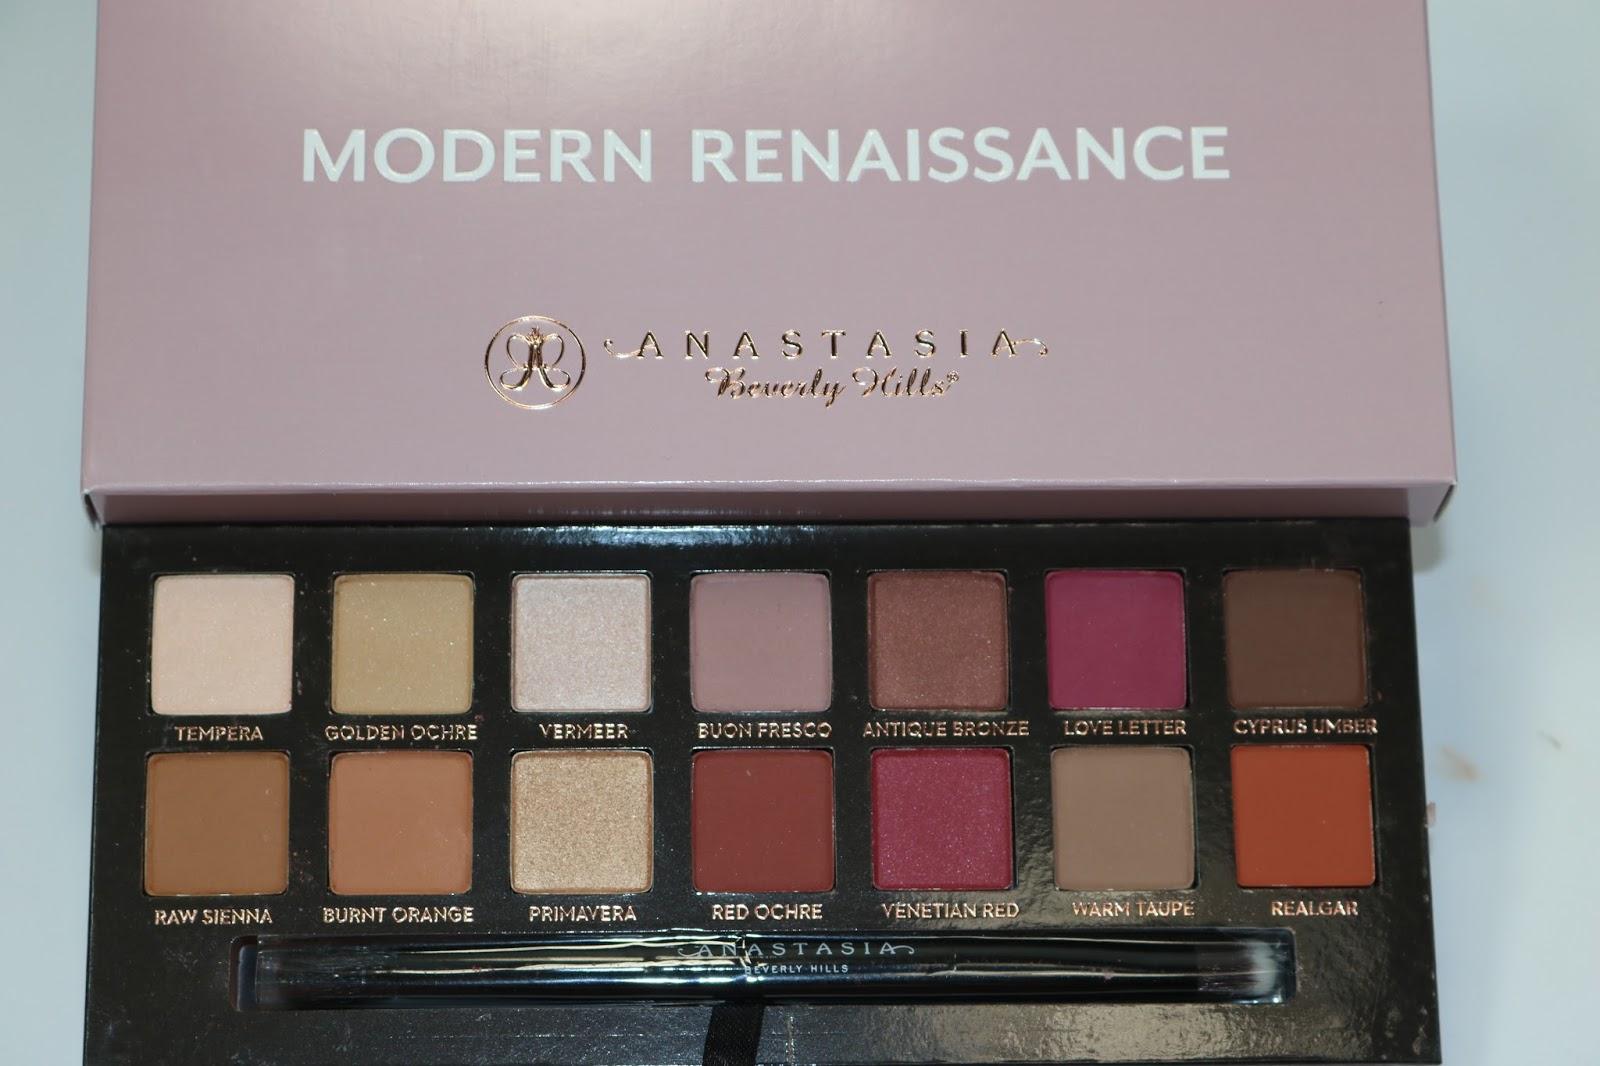 Anastasia Beverly Hills Modern Renaissance palette